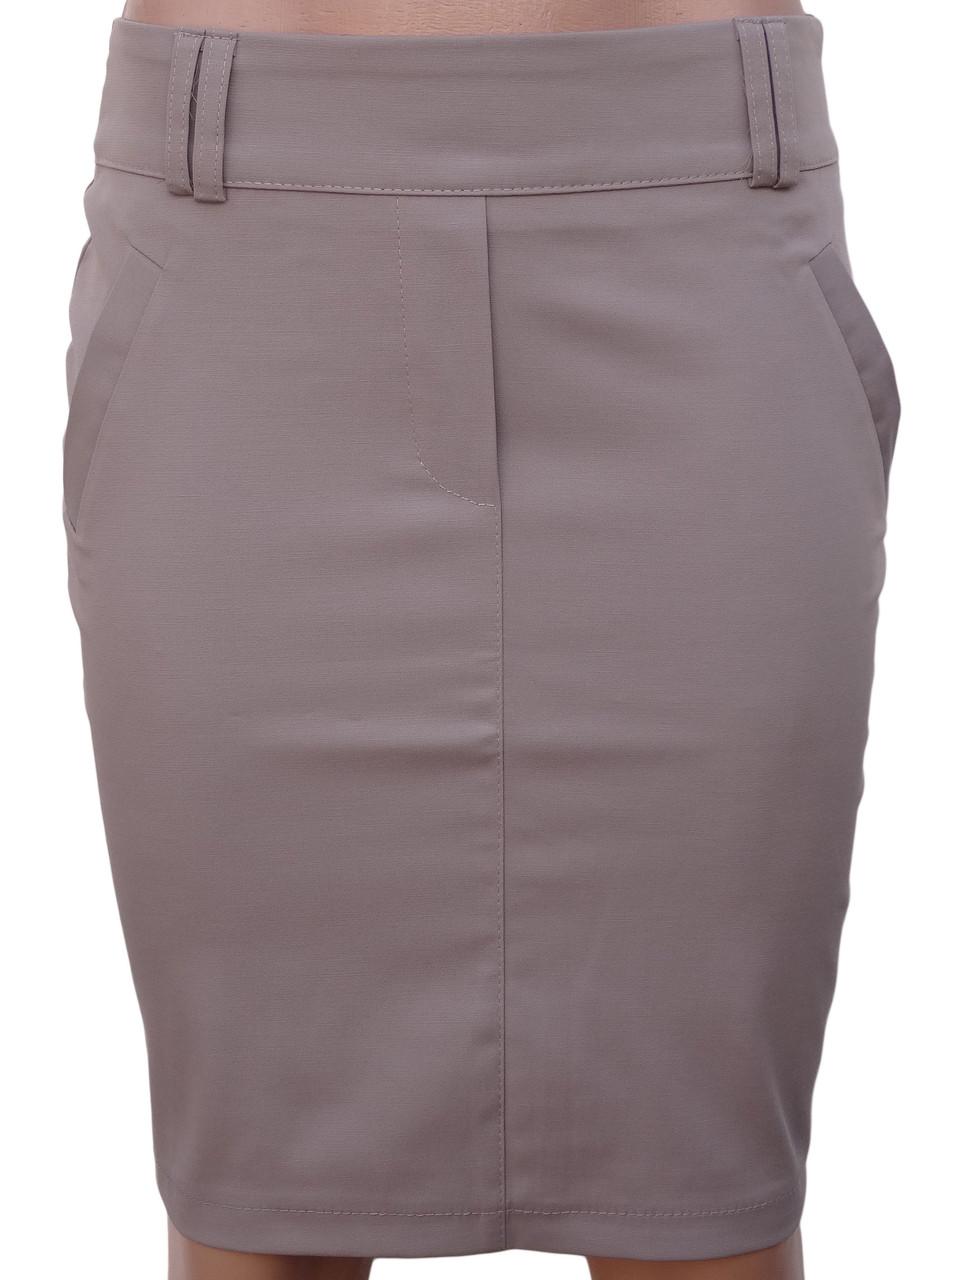 Классическая женская юбка 40р